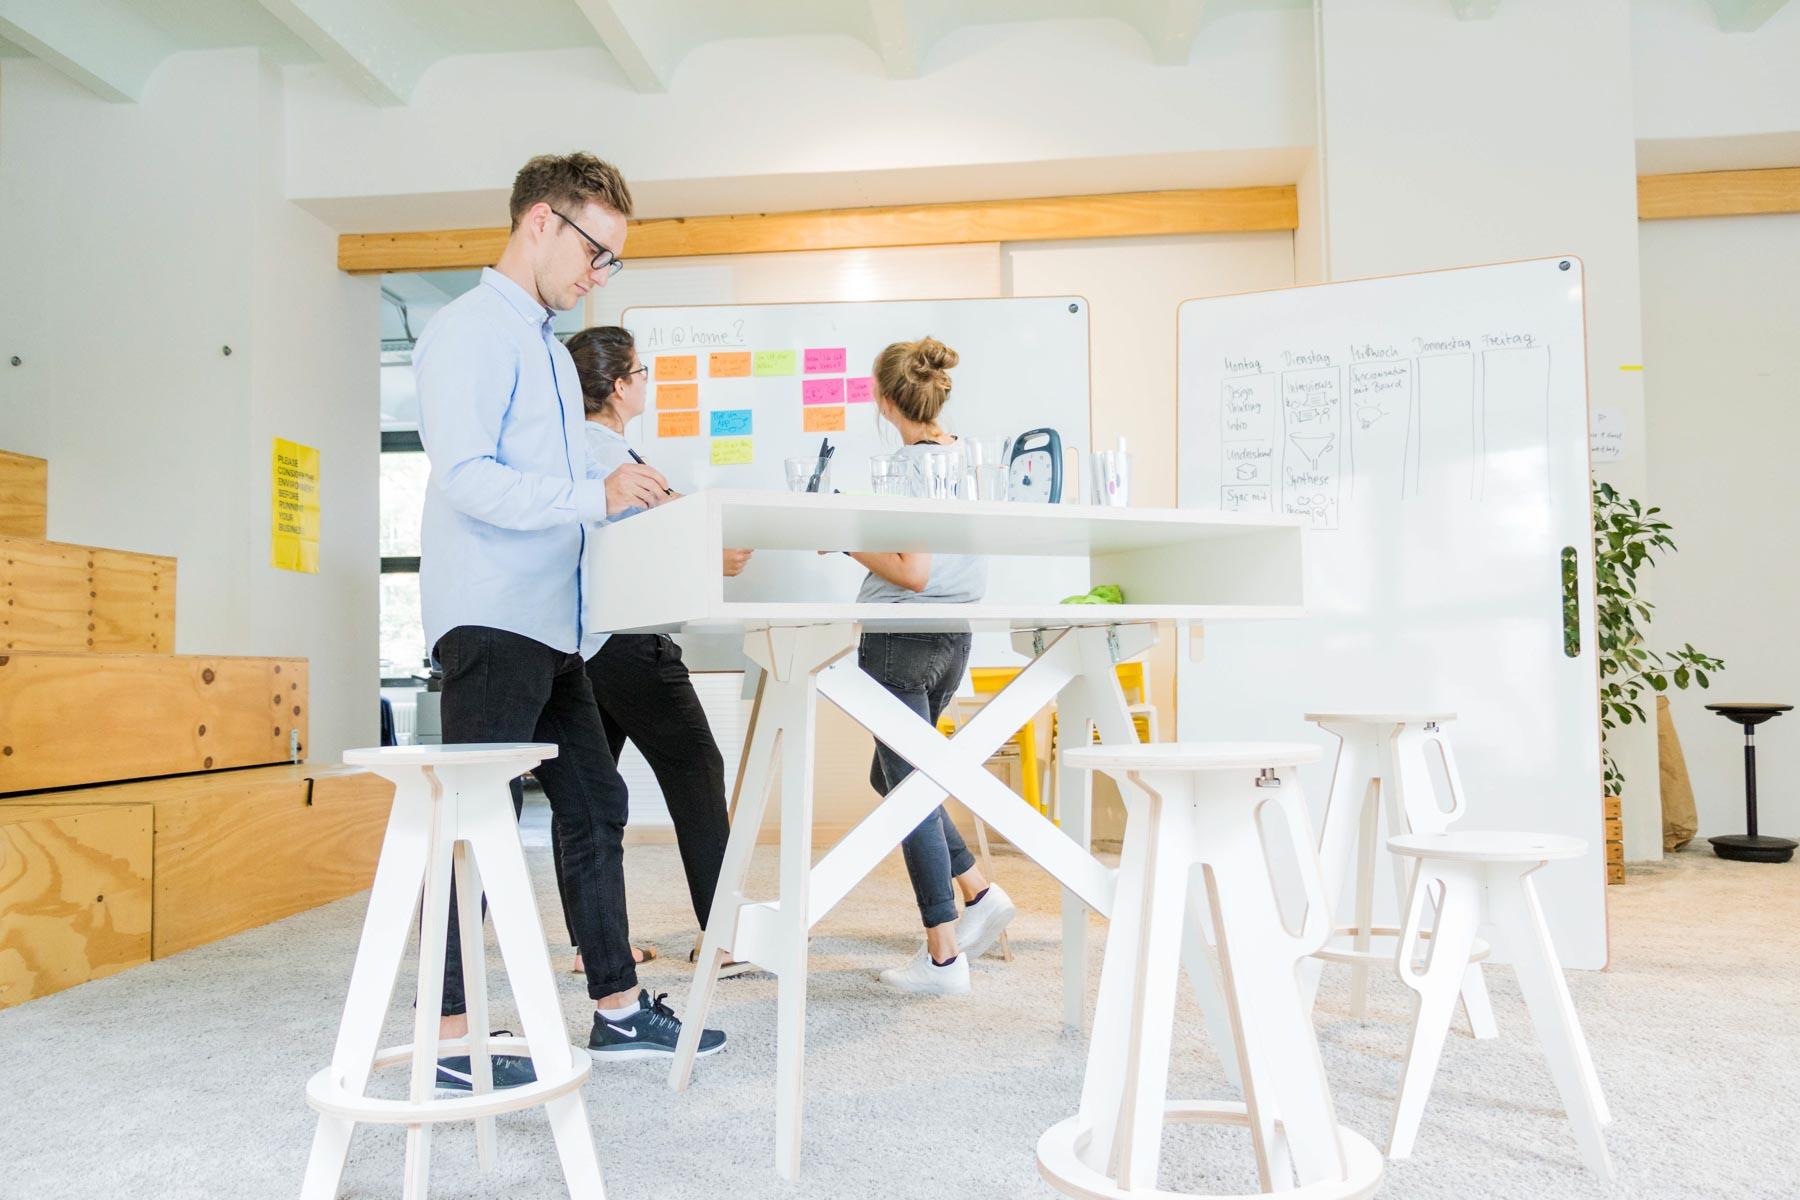 Ein ganzer aufgebauter Teamspace